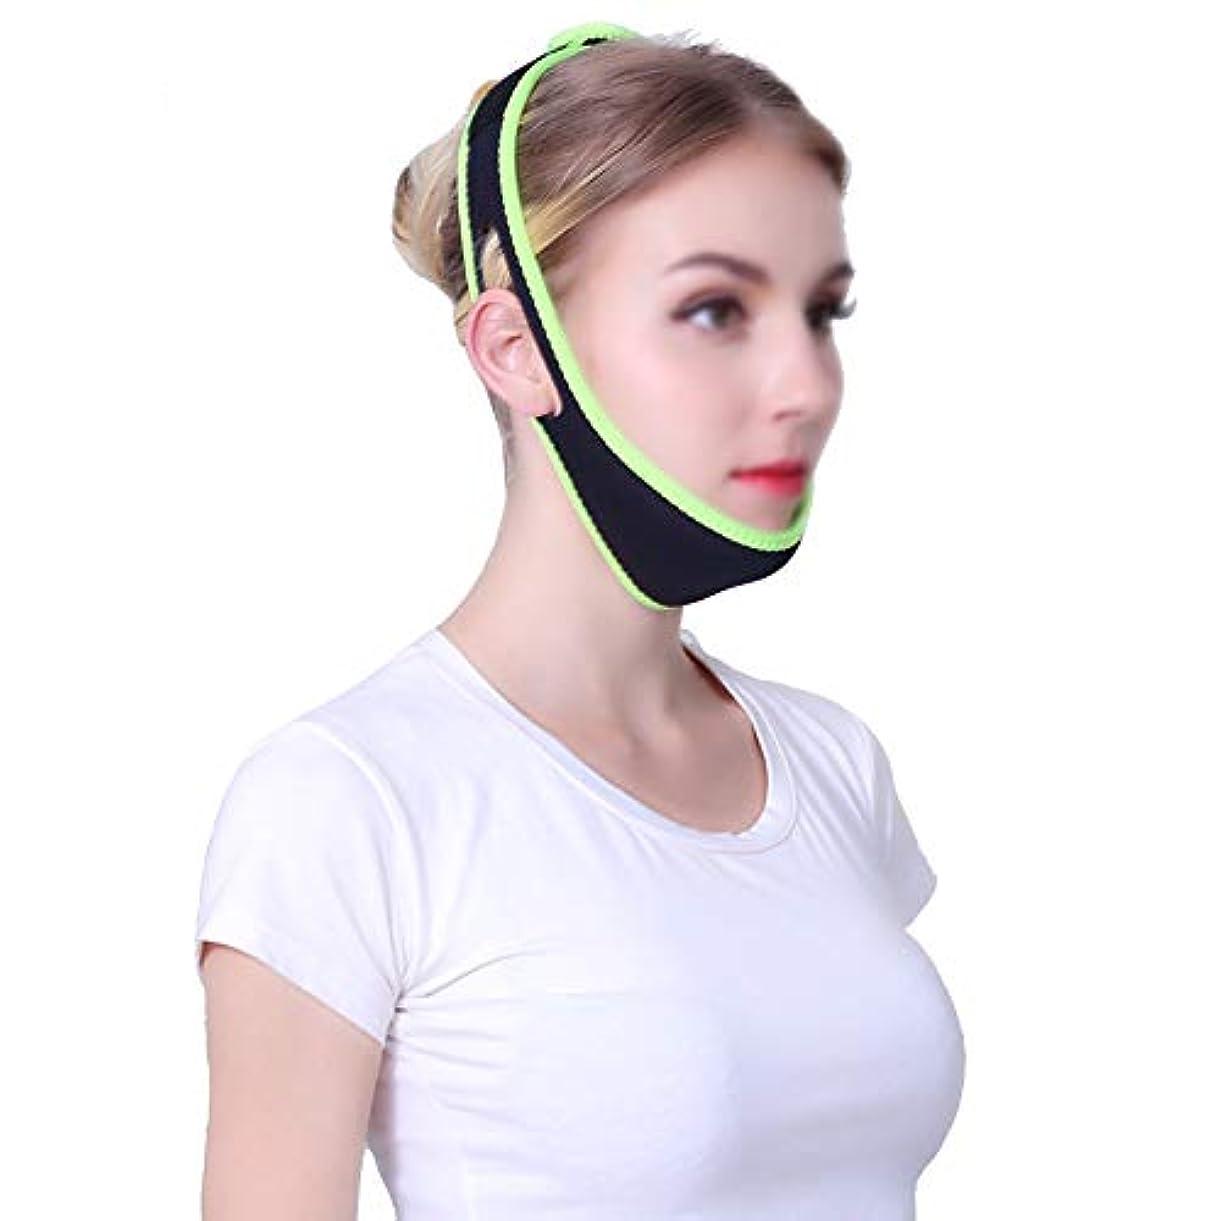 どう?維持する感動するGLJJQMY 引き締めフェイスマスク小型Vフェイスアーティファクト睡眠薄いフェイス包帯マスクリフティングマスク引き締めクリームフェイスリフティングフェイス楽器 顔用整形マスク